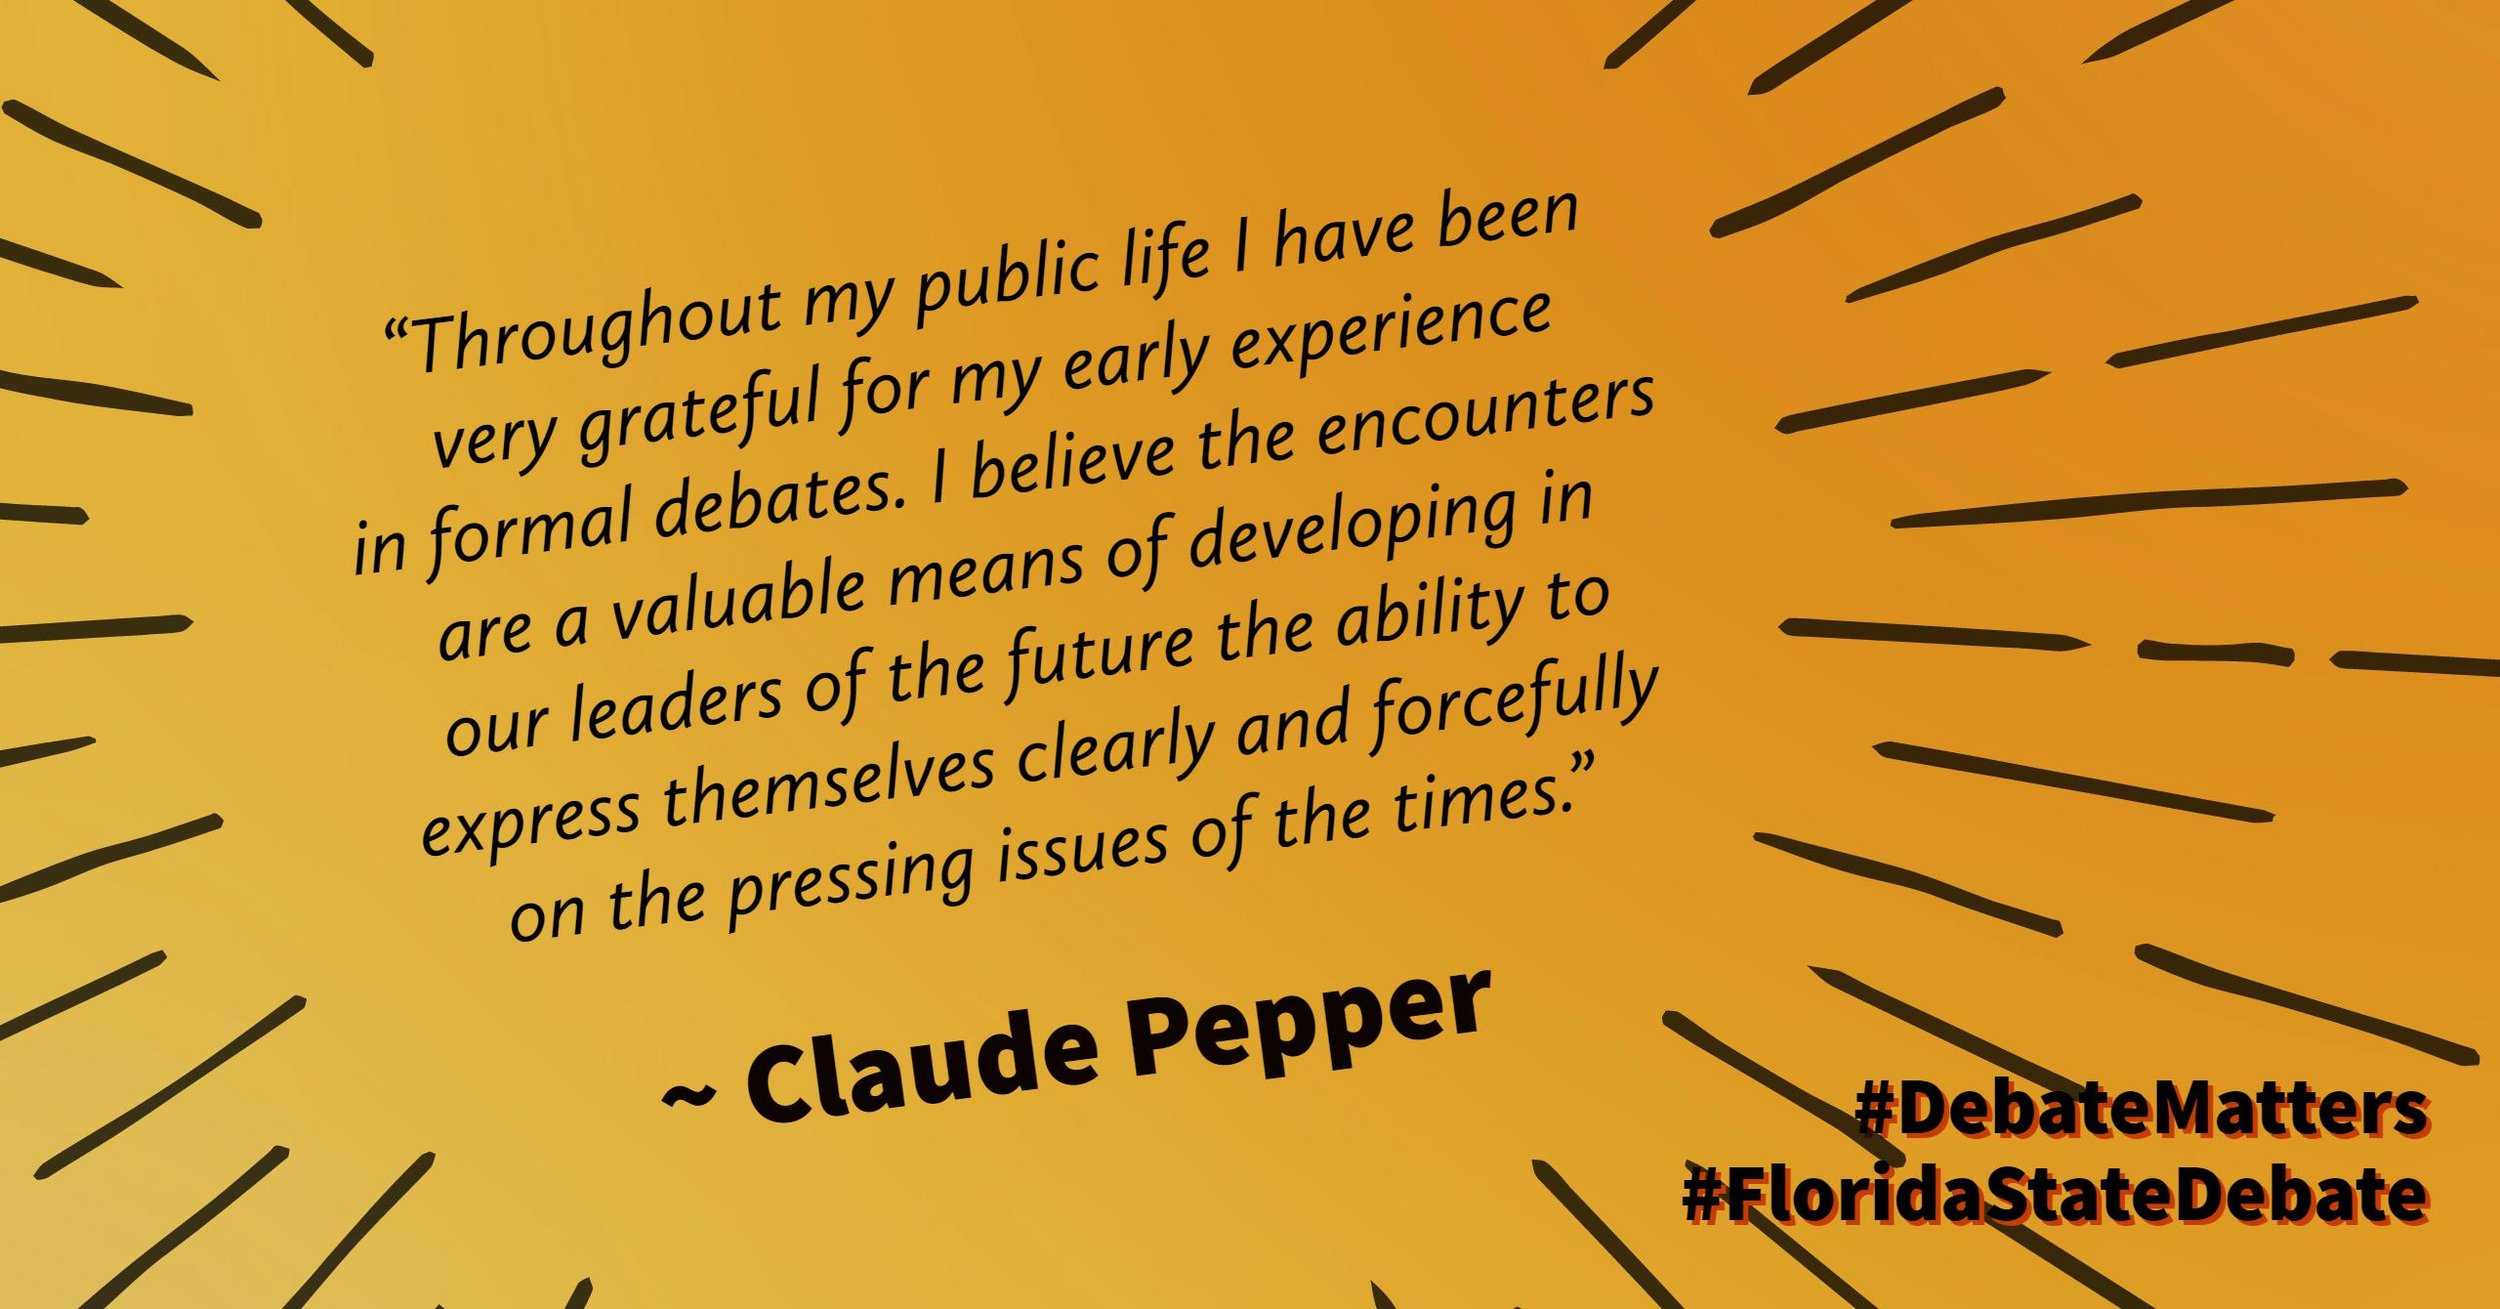 #DebateMatters Claude Pepper